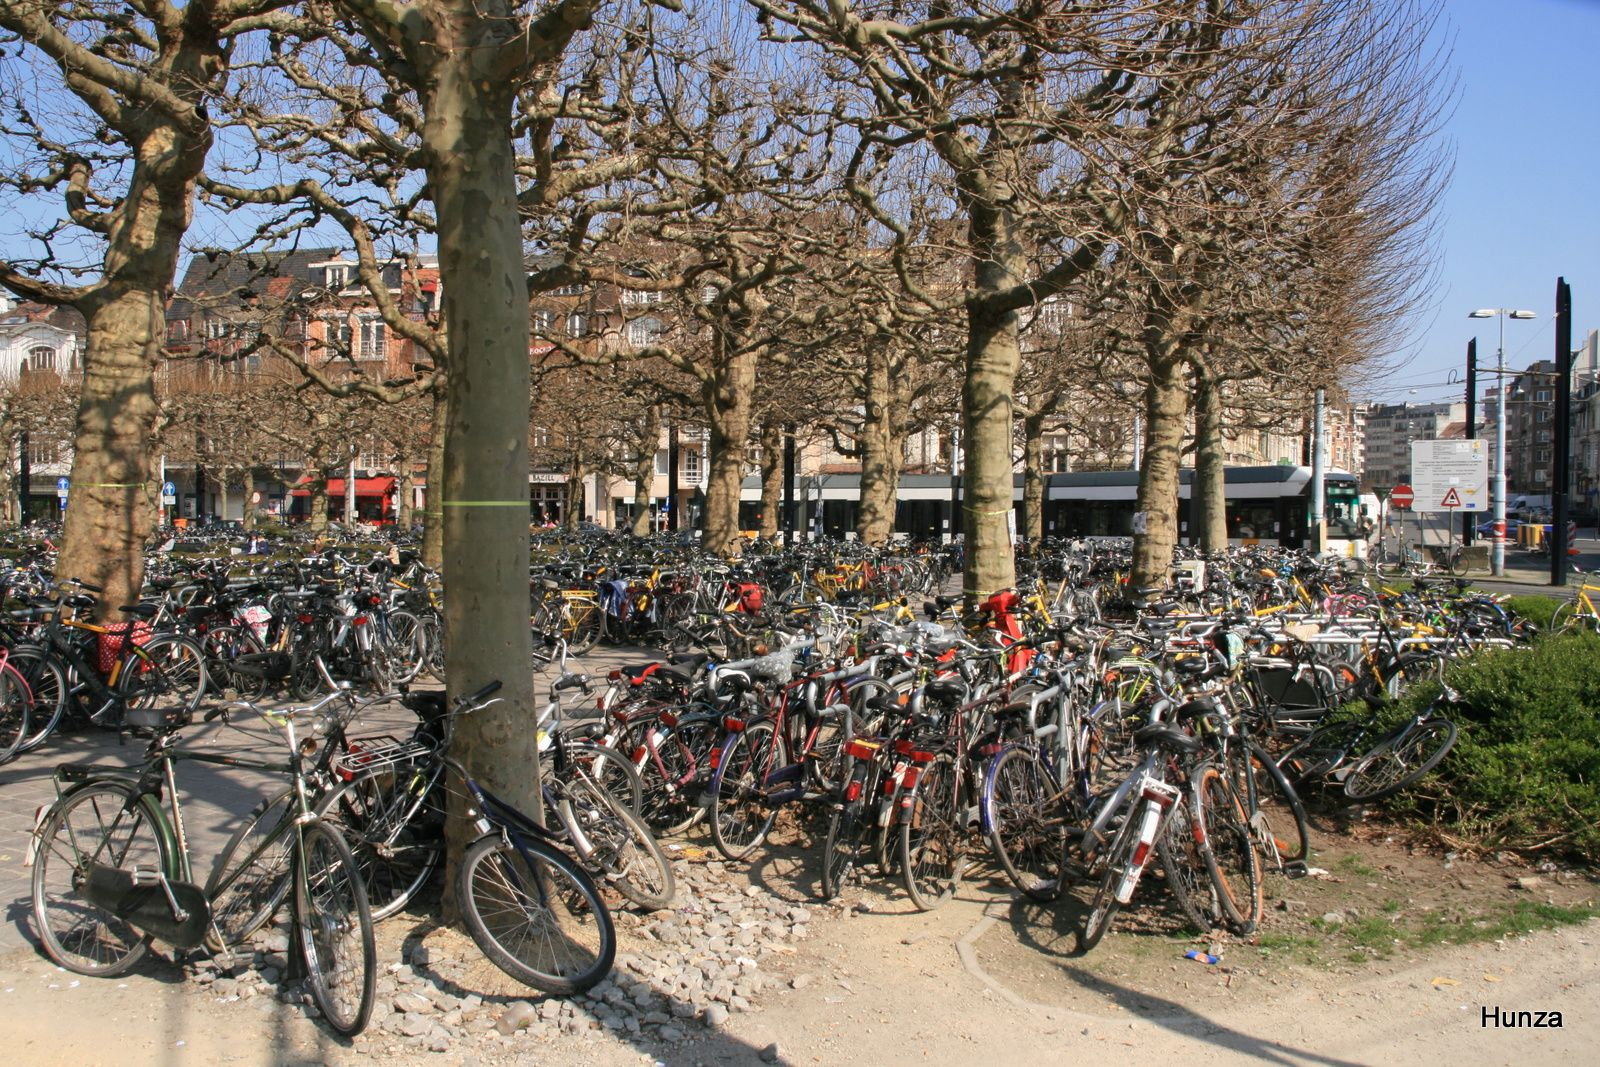 Des centaines de vélos près de la gare